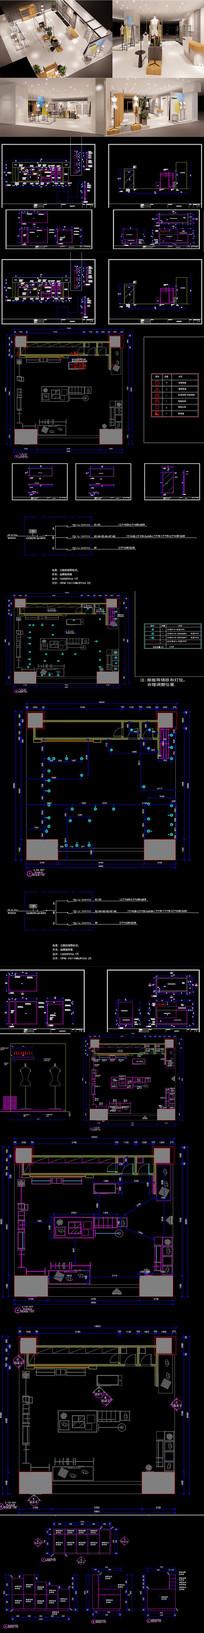 全套北欧服装店CAD施工图